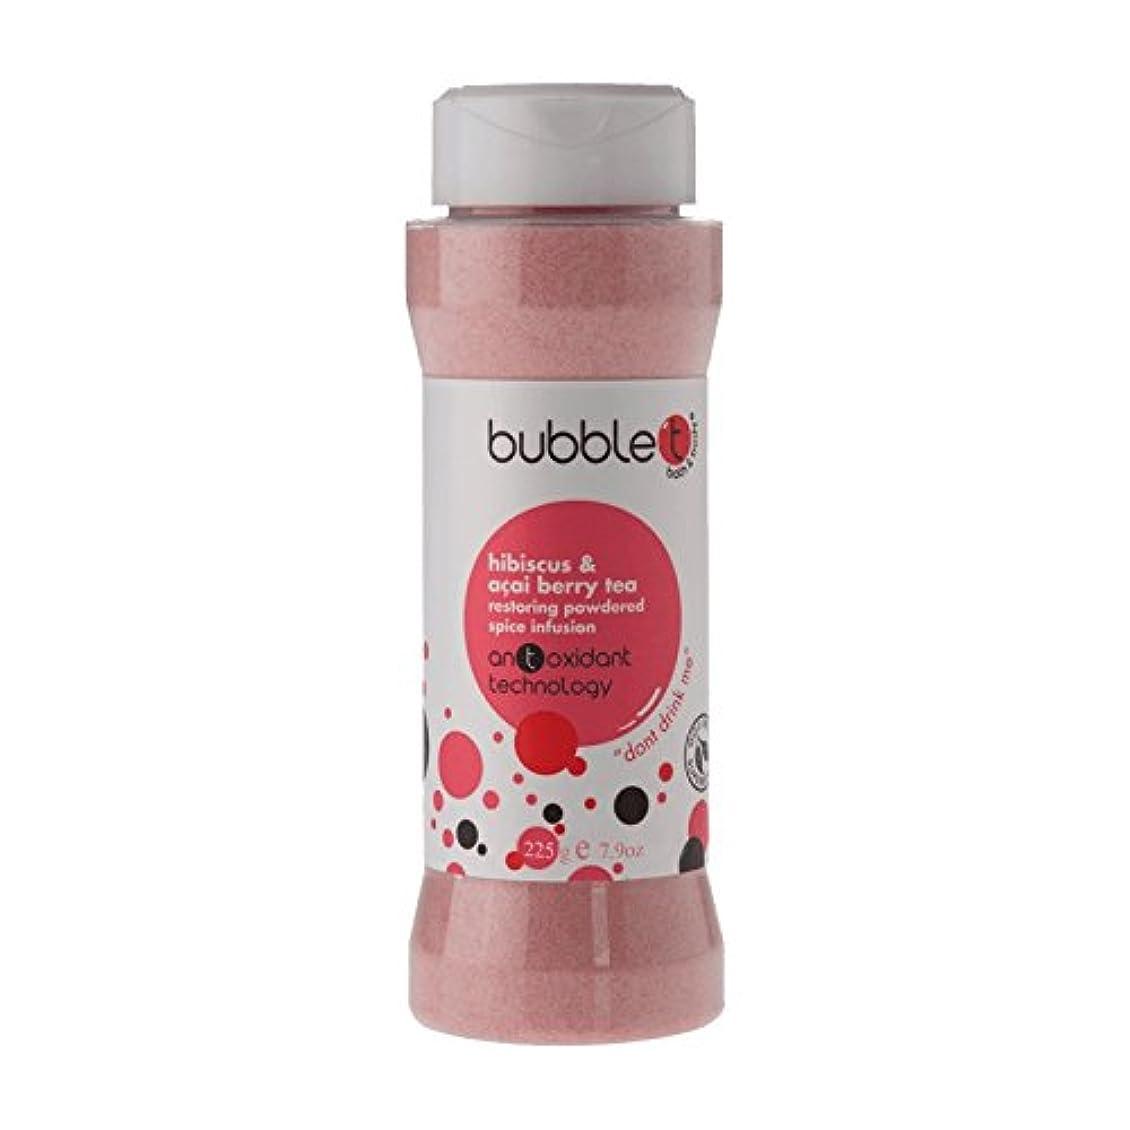 具体的に将来の暗殺バブルトン風呂スパイス注入ハイビスカス&アサイベリー茶225グラム - Bubble T Bath Spice Infusion Hibiscus & Acai Berry Tea 225g (Bubble T) [並行輸入品]